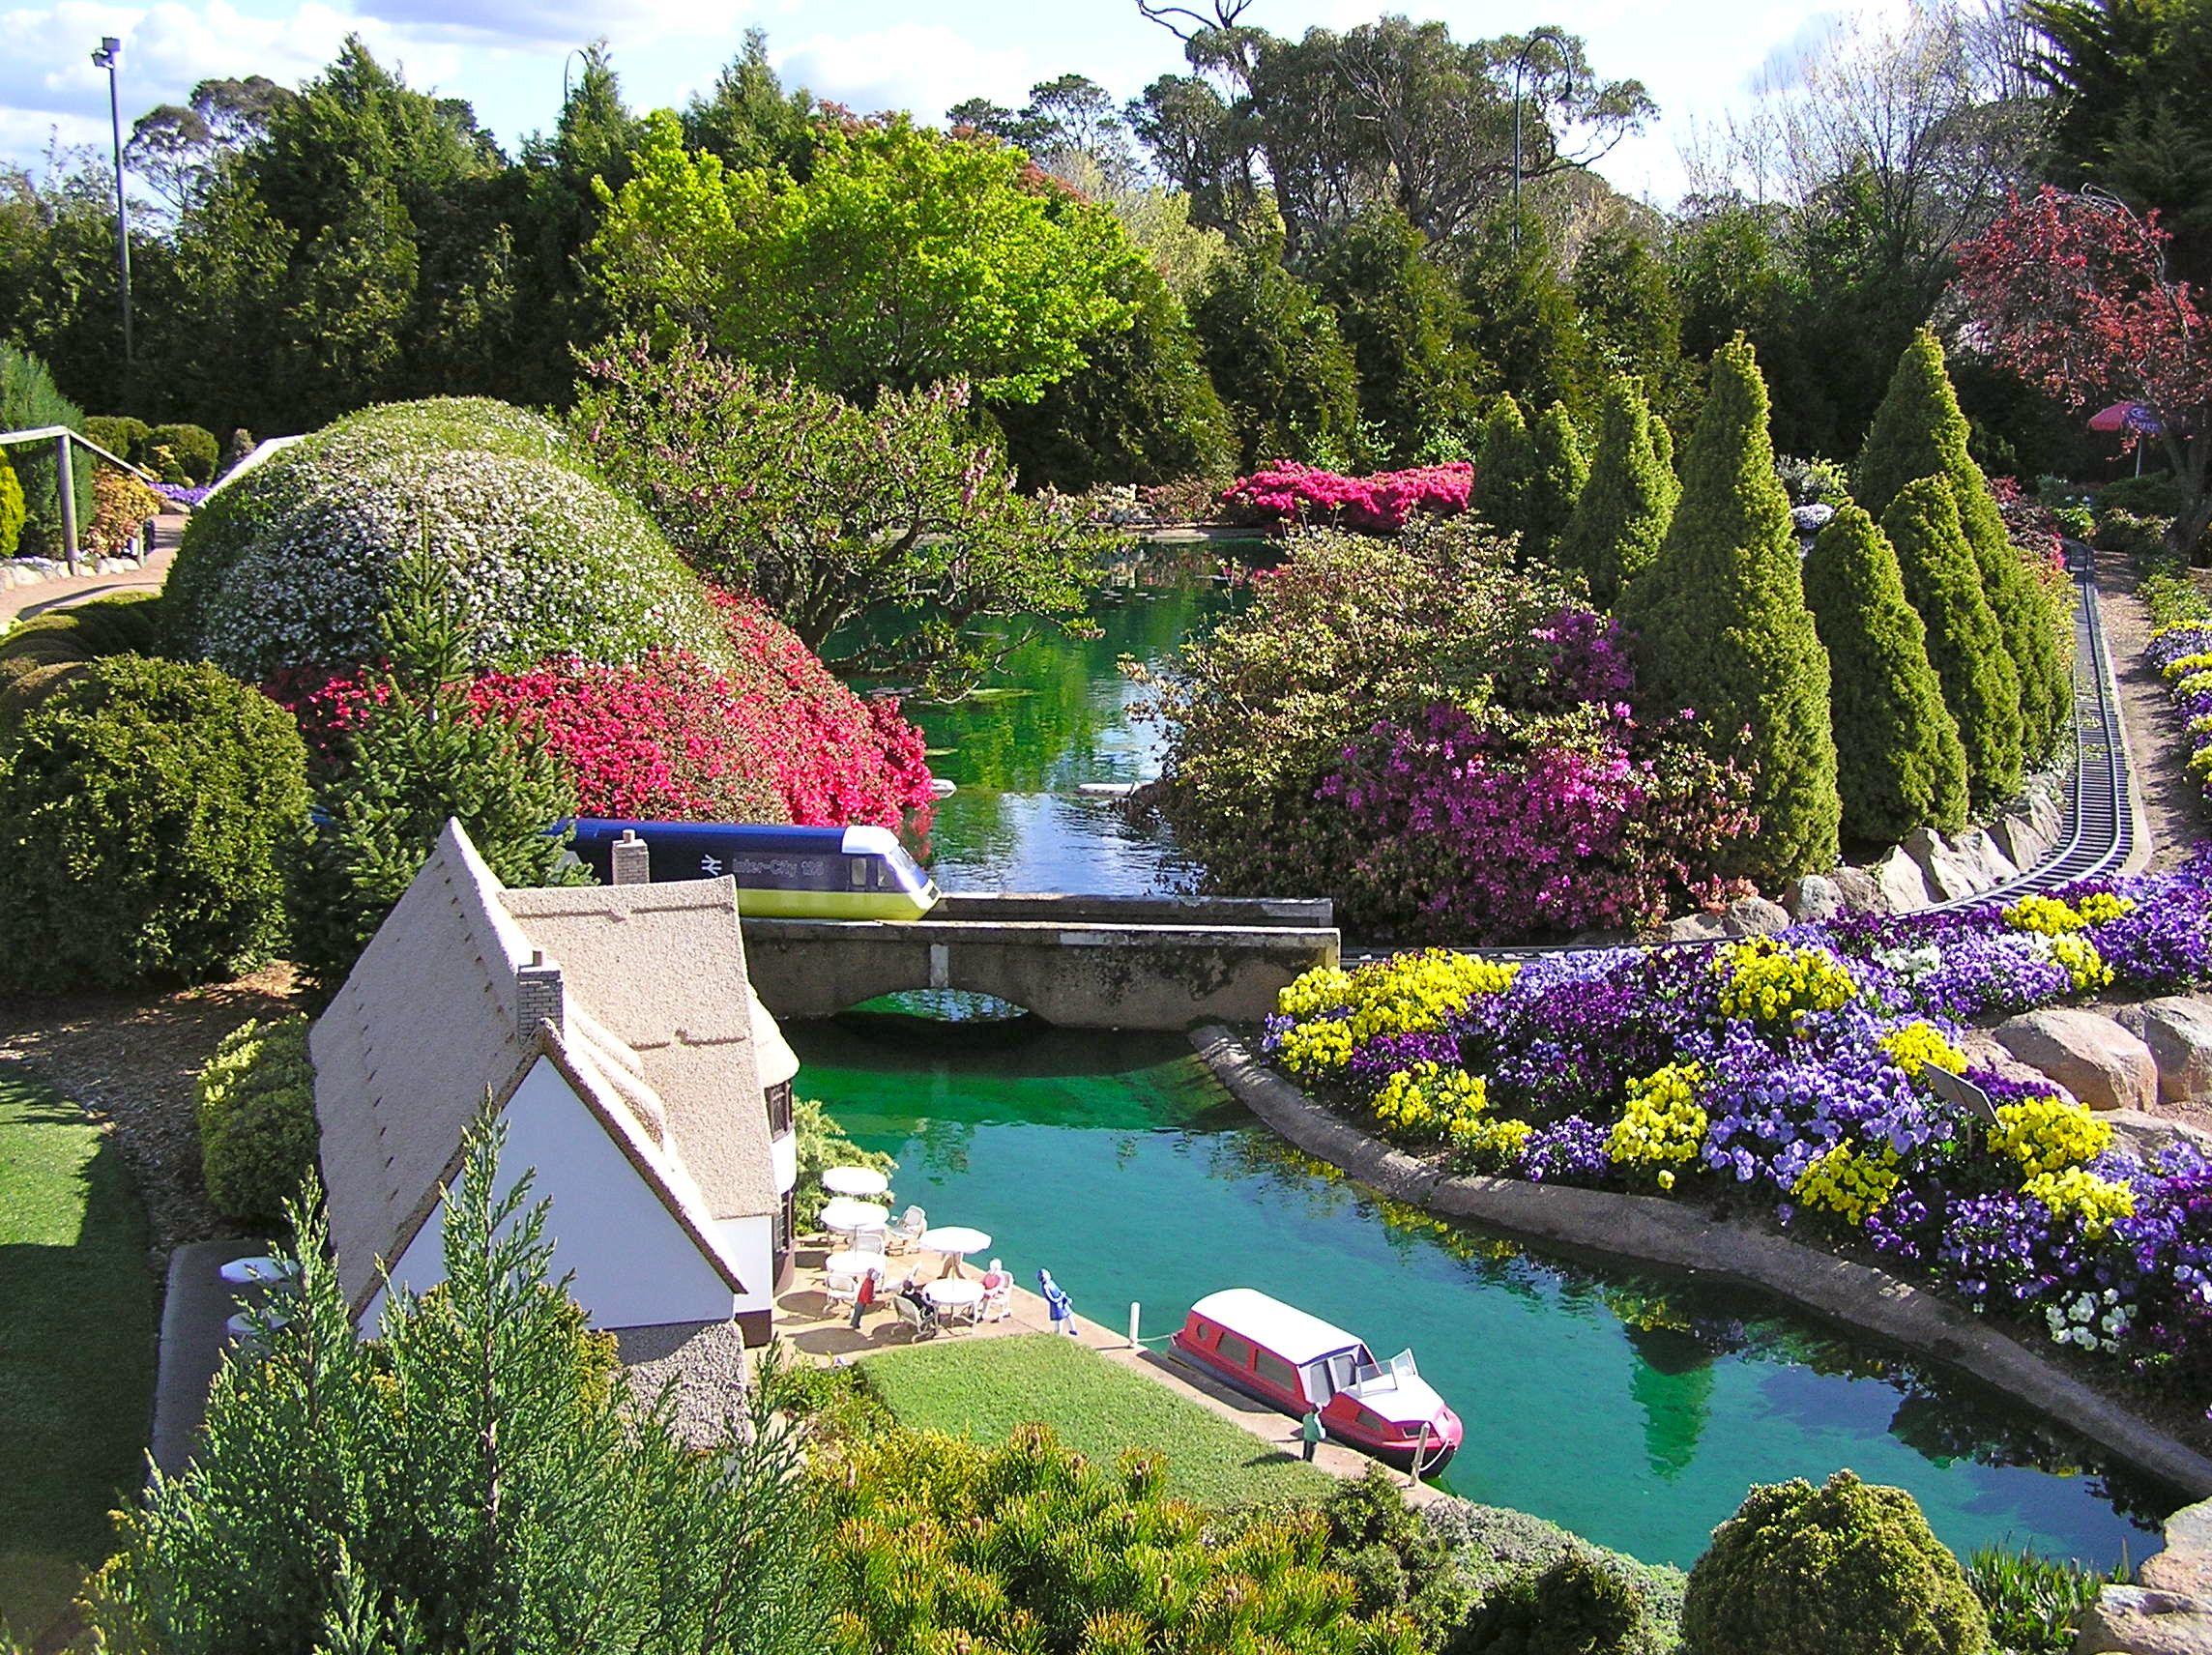 cockington green garden